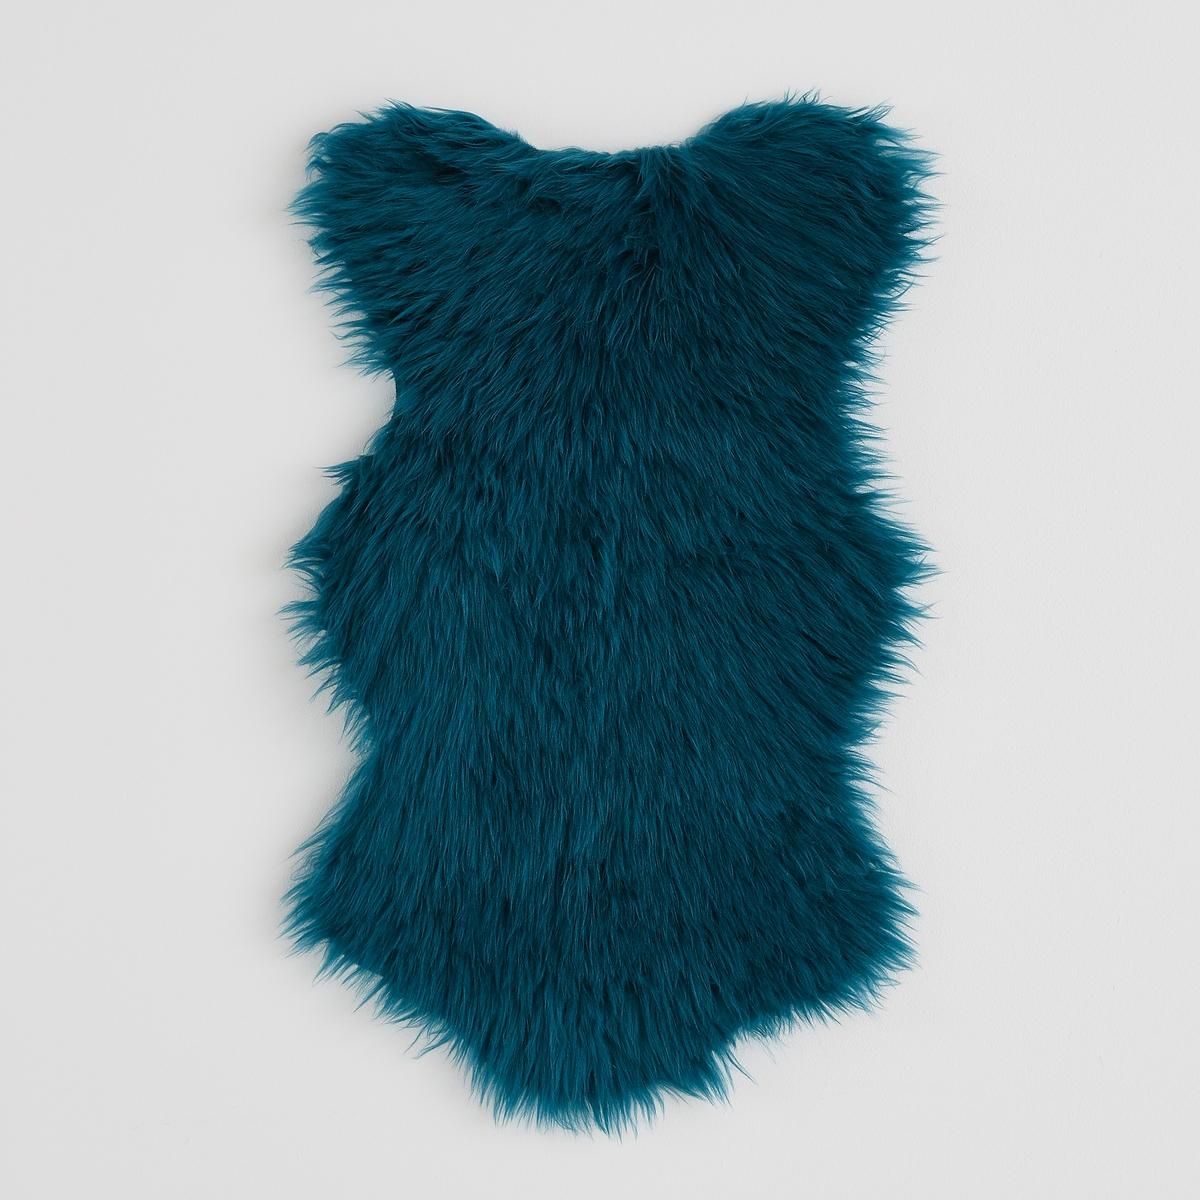 Ковер La Redoute Shipa 55 x 90 см синий